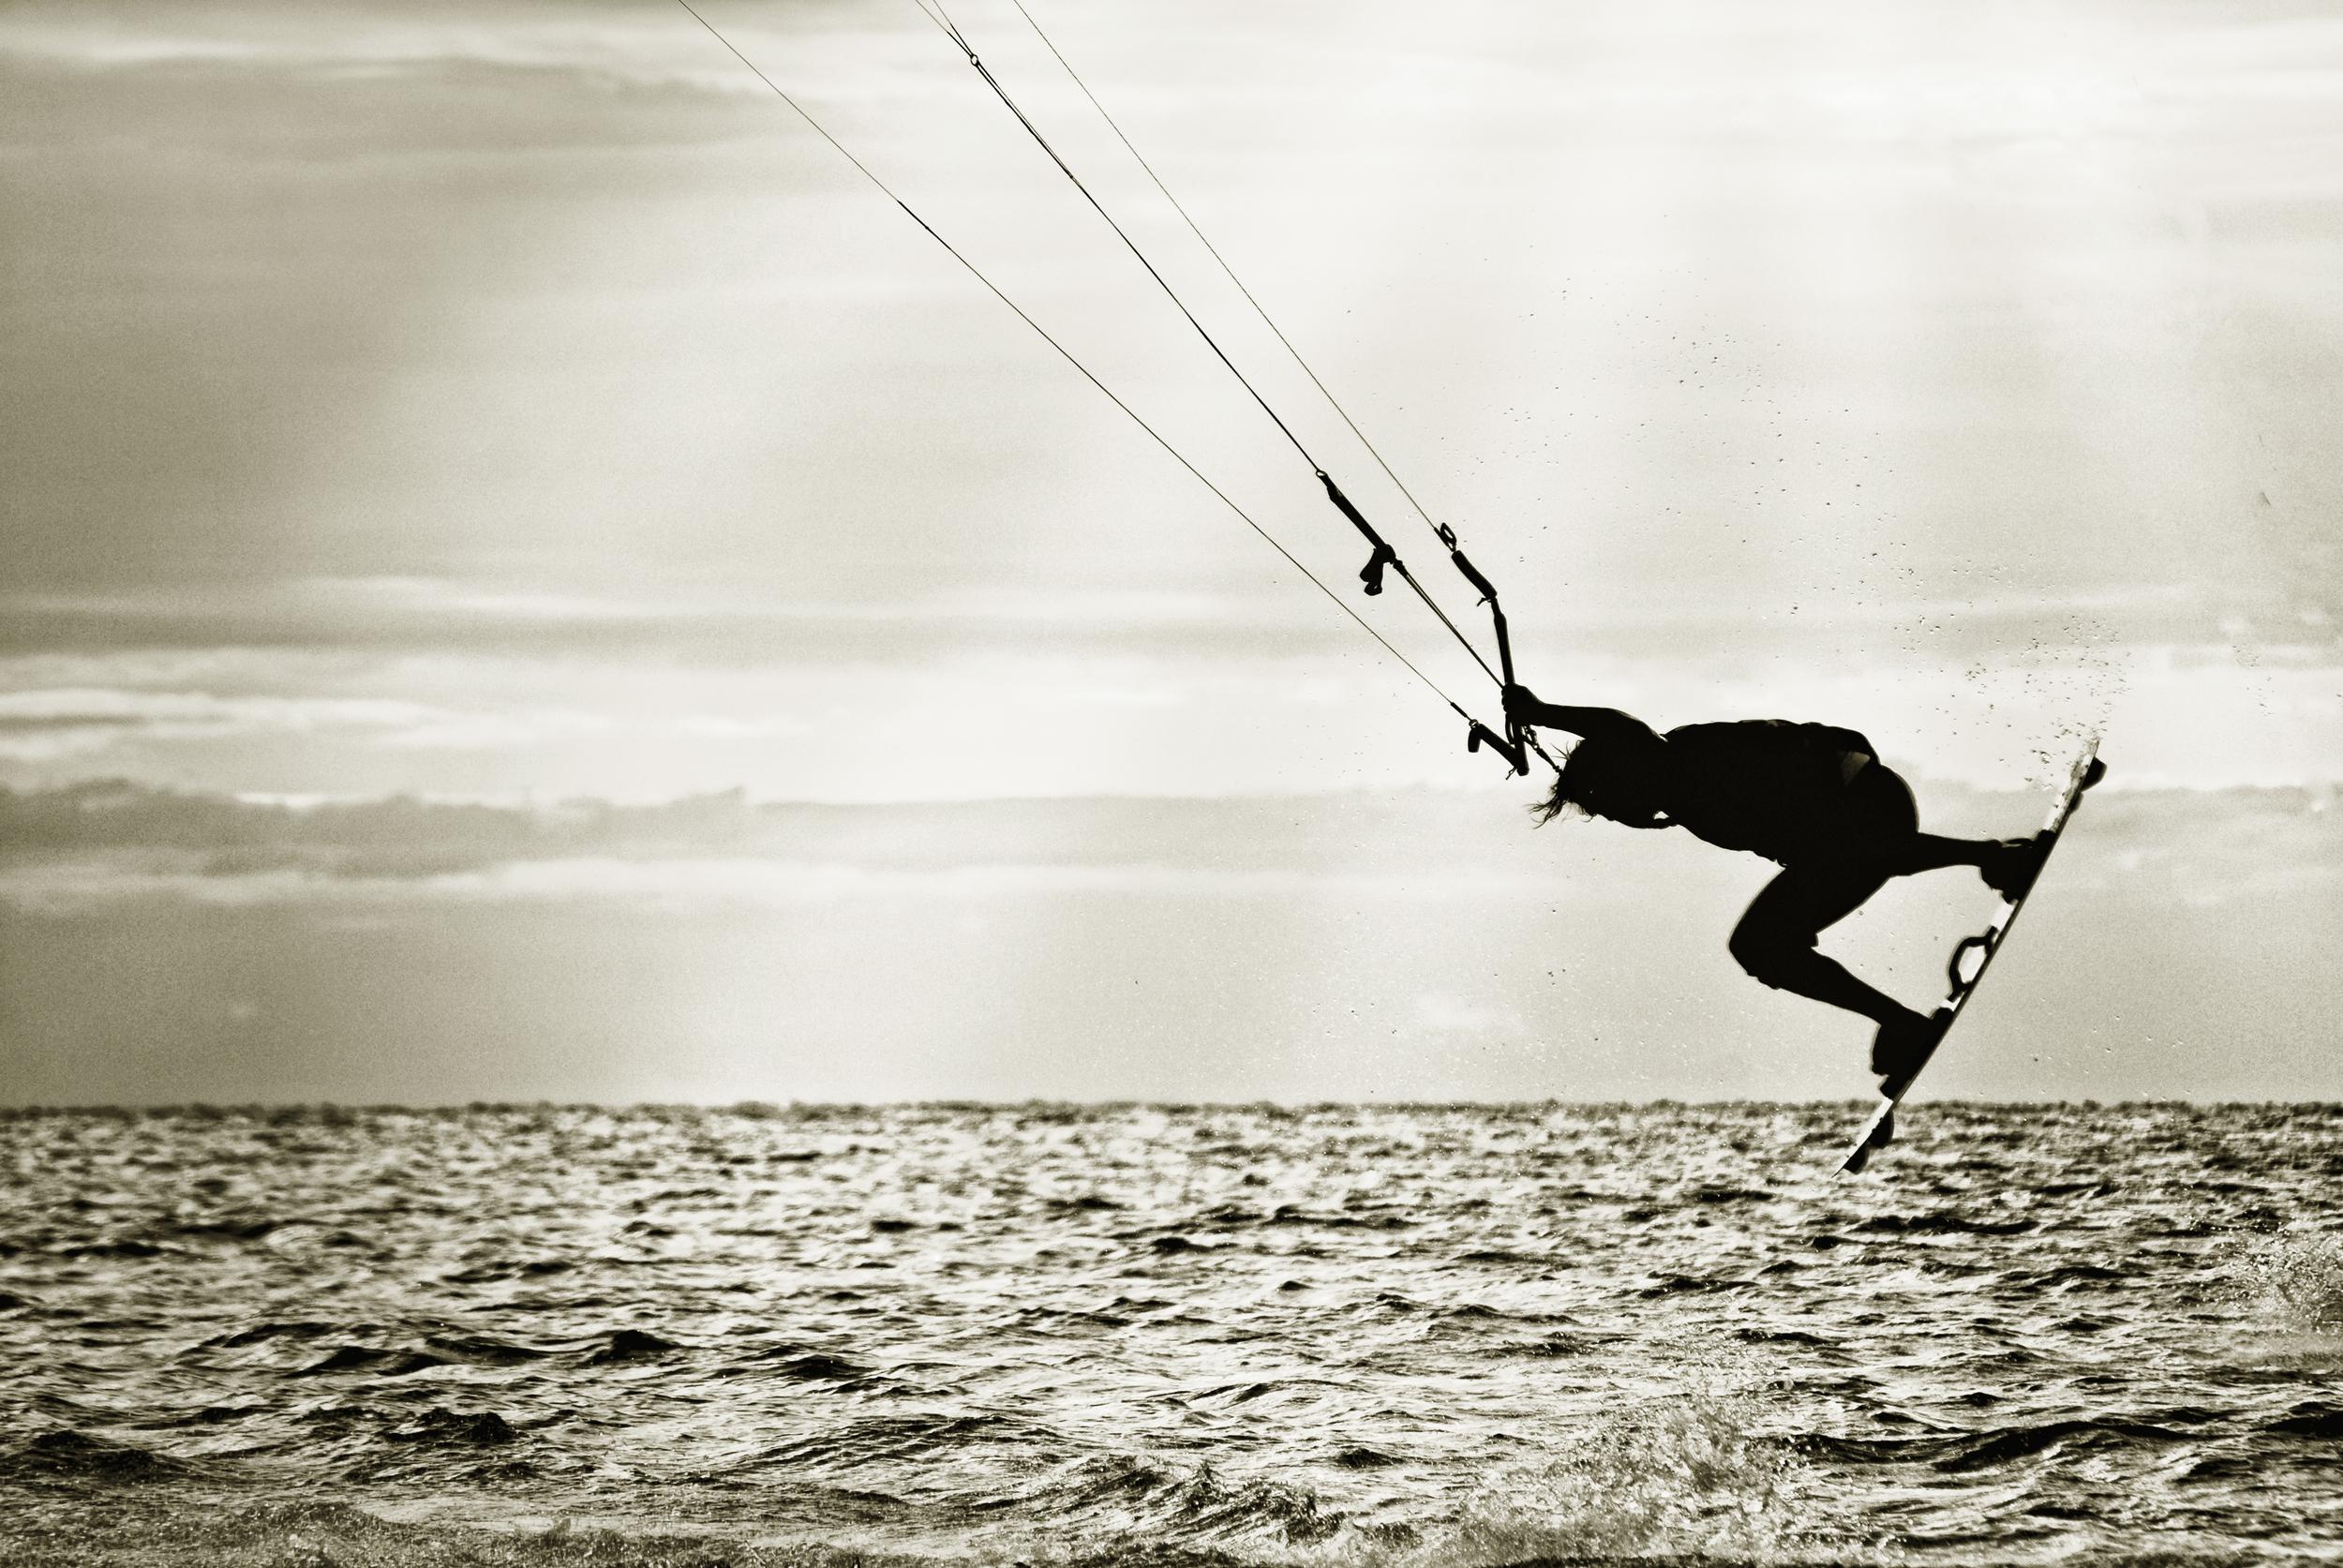 kite9.jpg